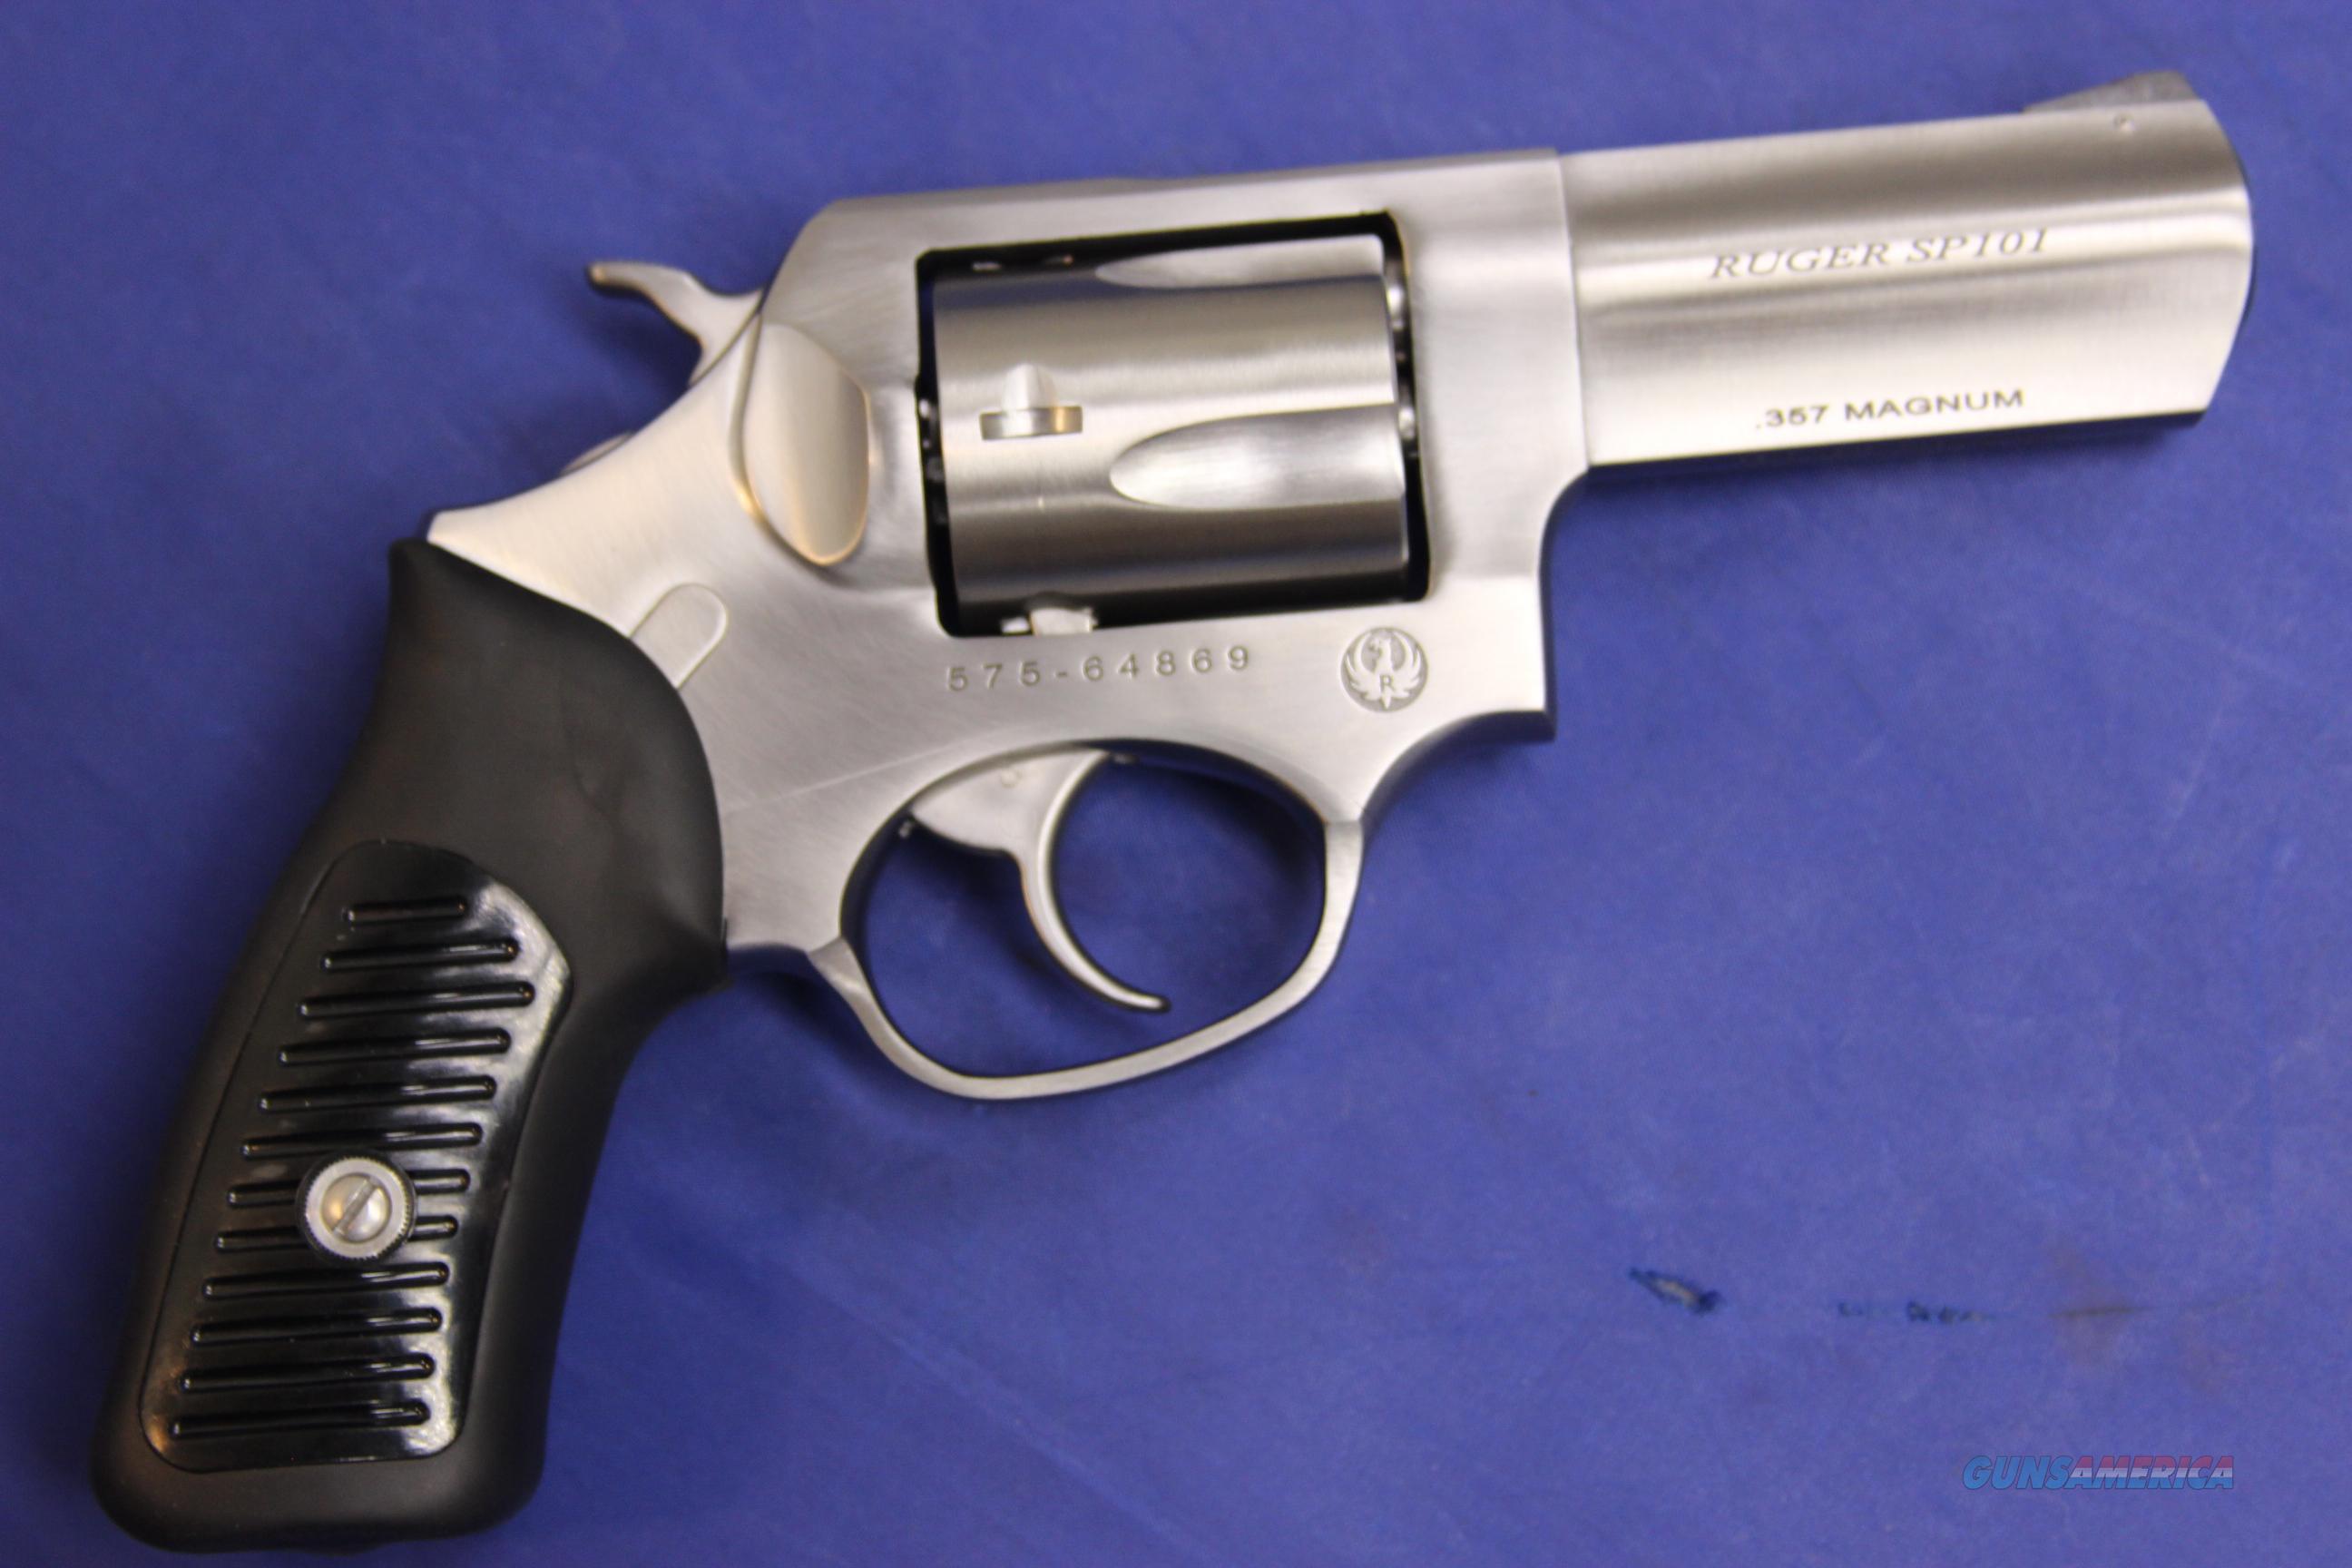 Ruger Sp101 357 Magnum 3 Barrel